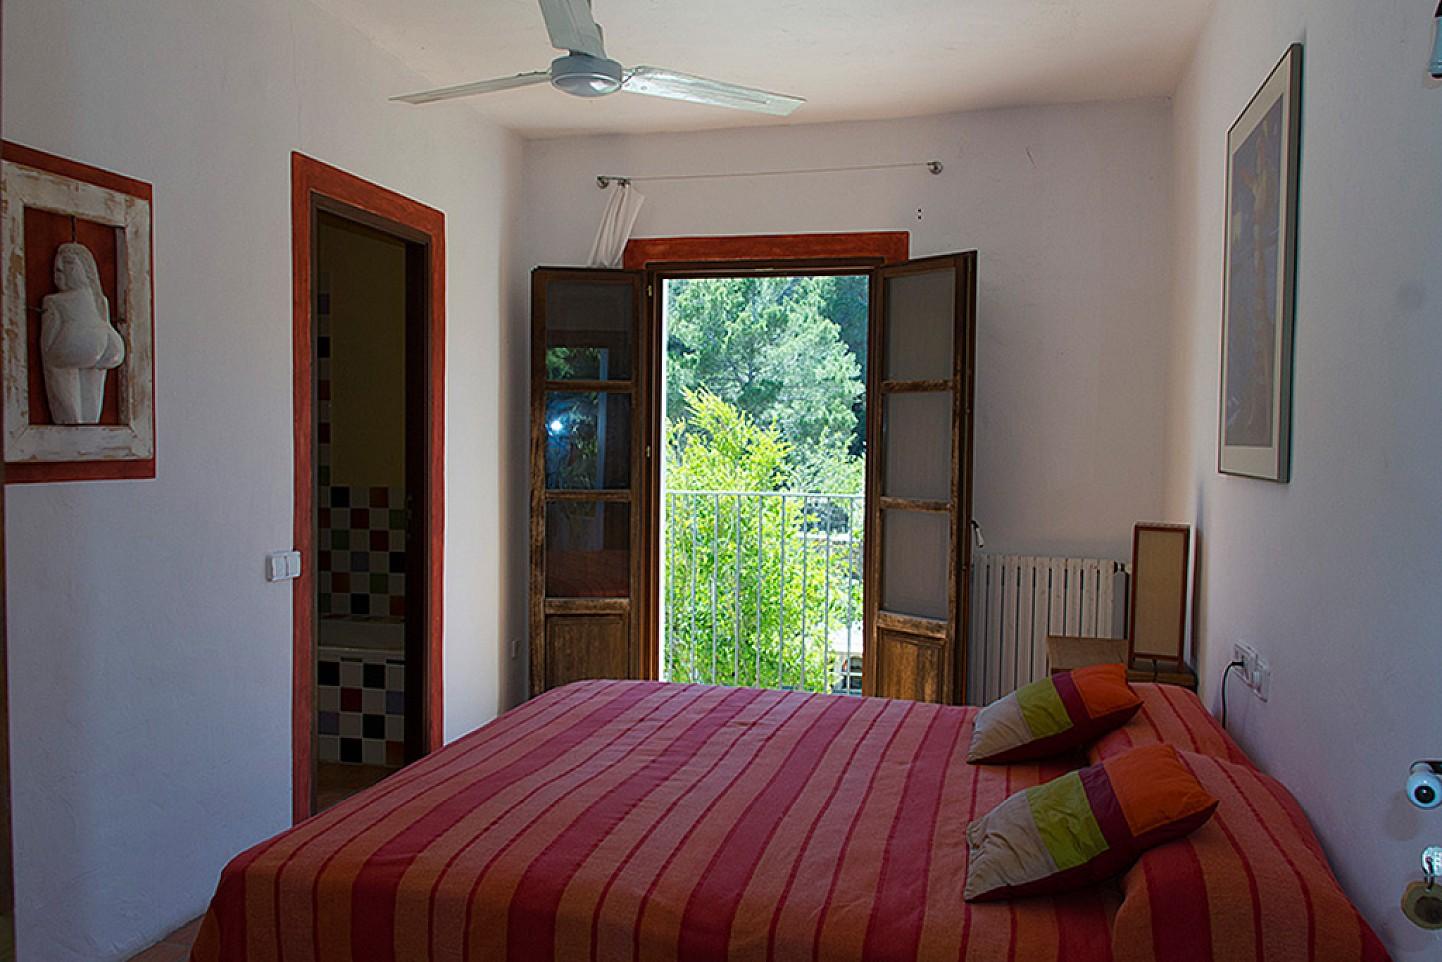 Dormitori 2 ampli amb accés a l'exterior